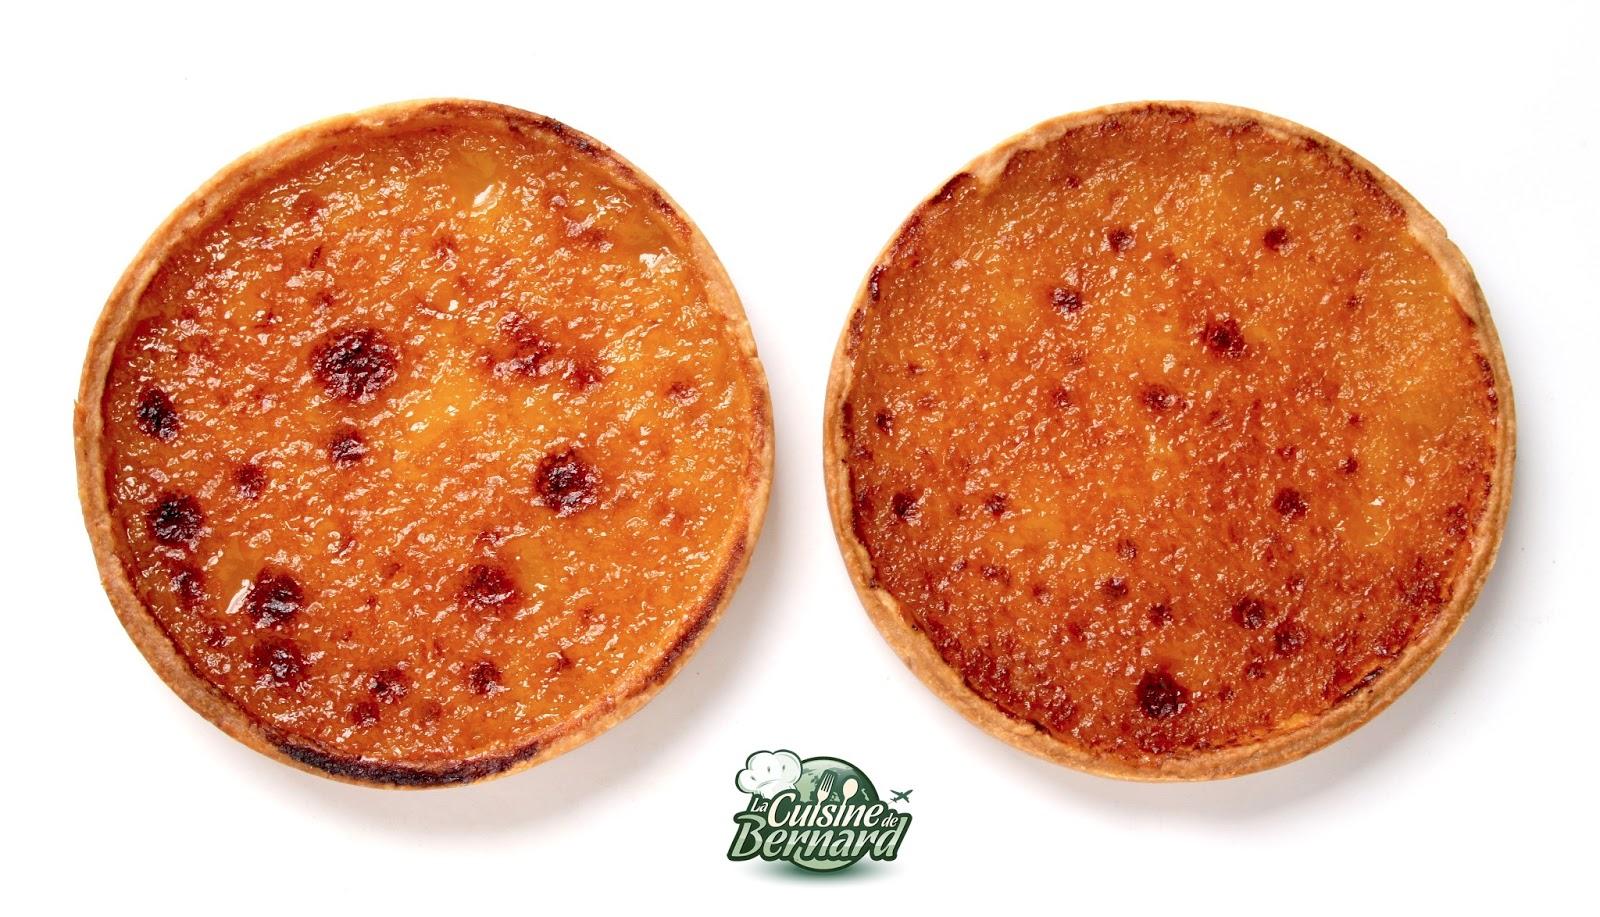 La cuisine de bernard tarte au citron la cr me cuite - Tarte au citron cuisine az ...